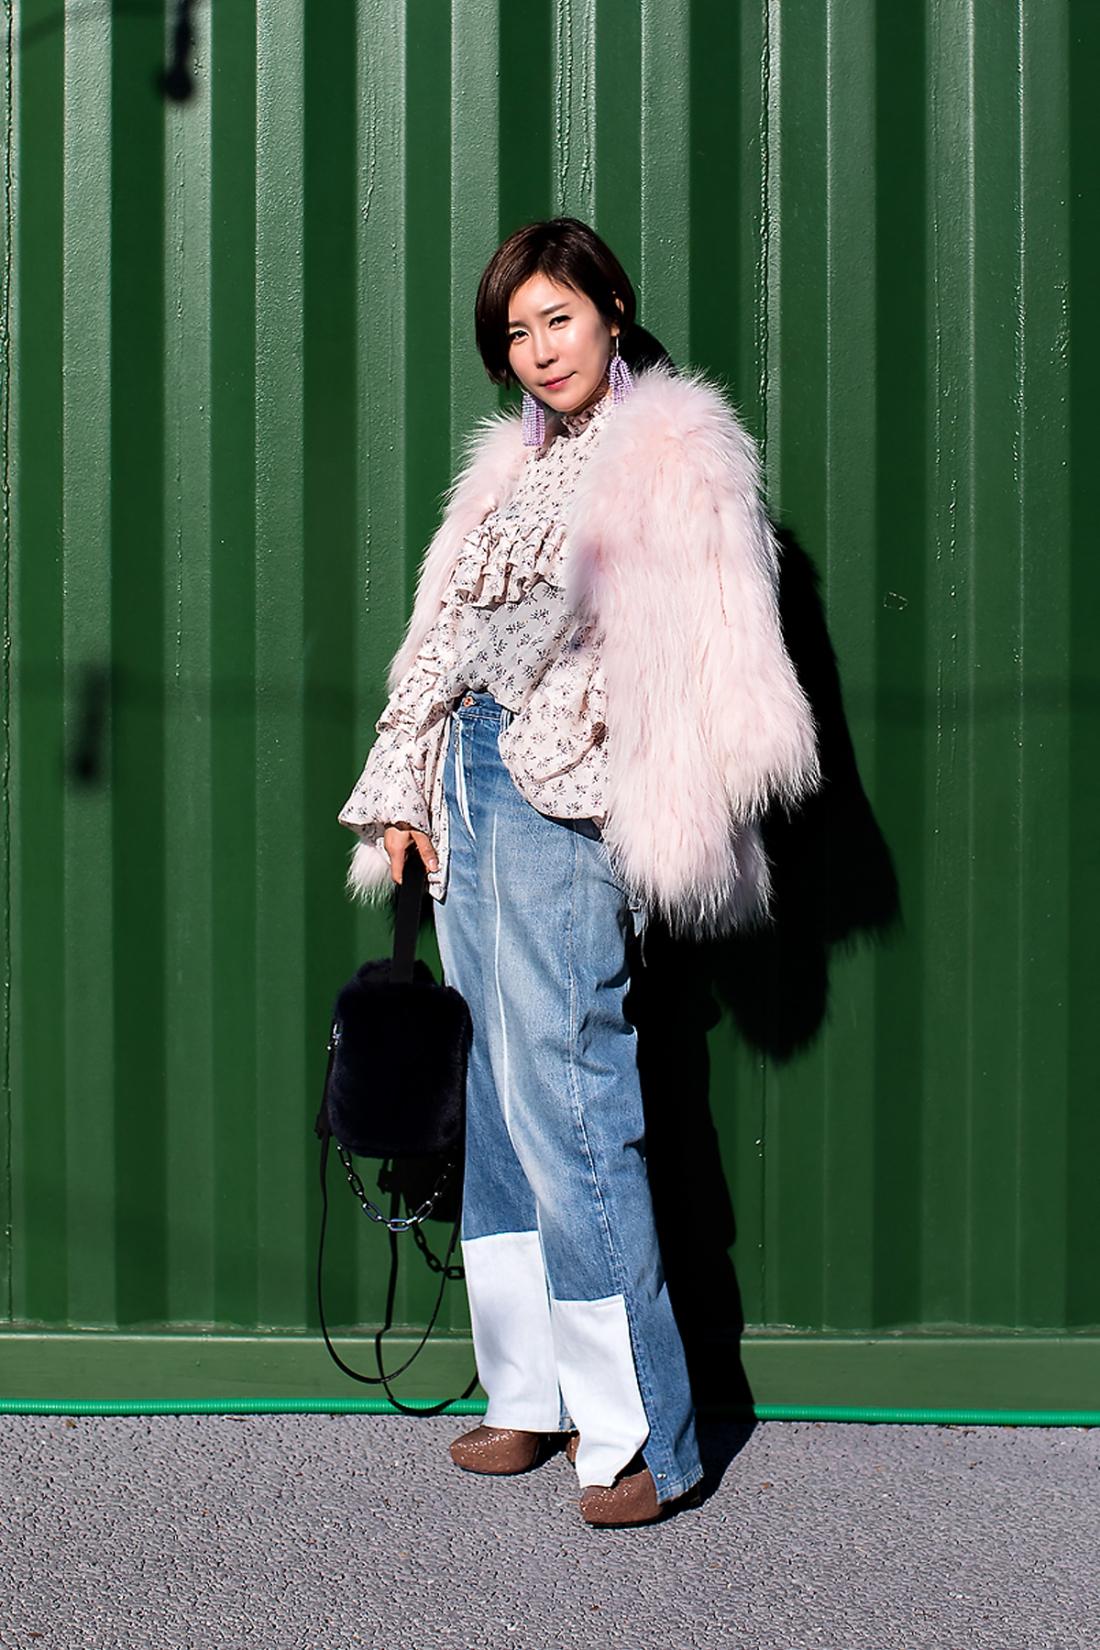 Lee Juhee, Street Fashion 2017 in SEOUL.jpg